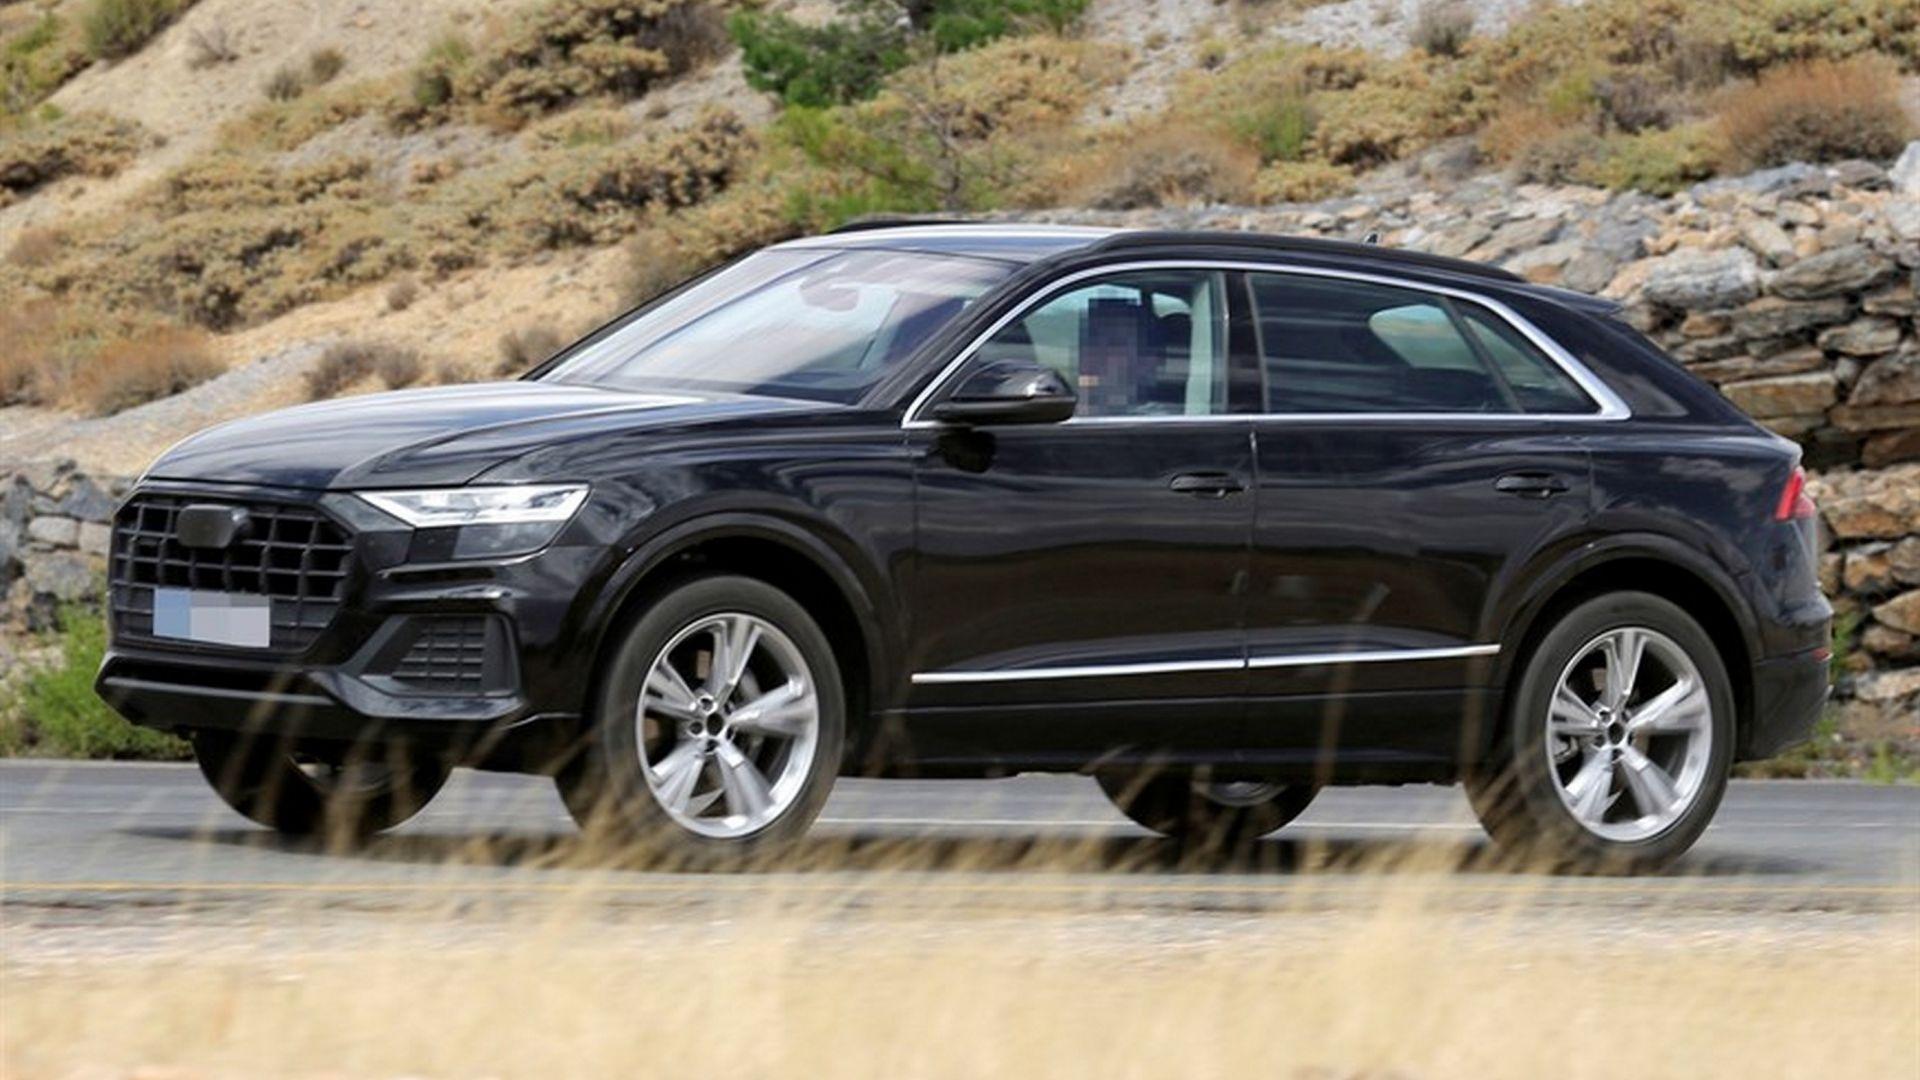 Nuova Audi Q8 Ecco Le Ultime Foto Spia Del Suv Interni Uscita Motorbox